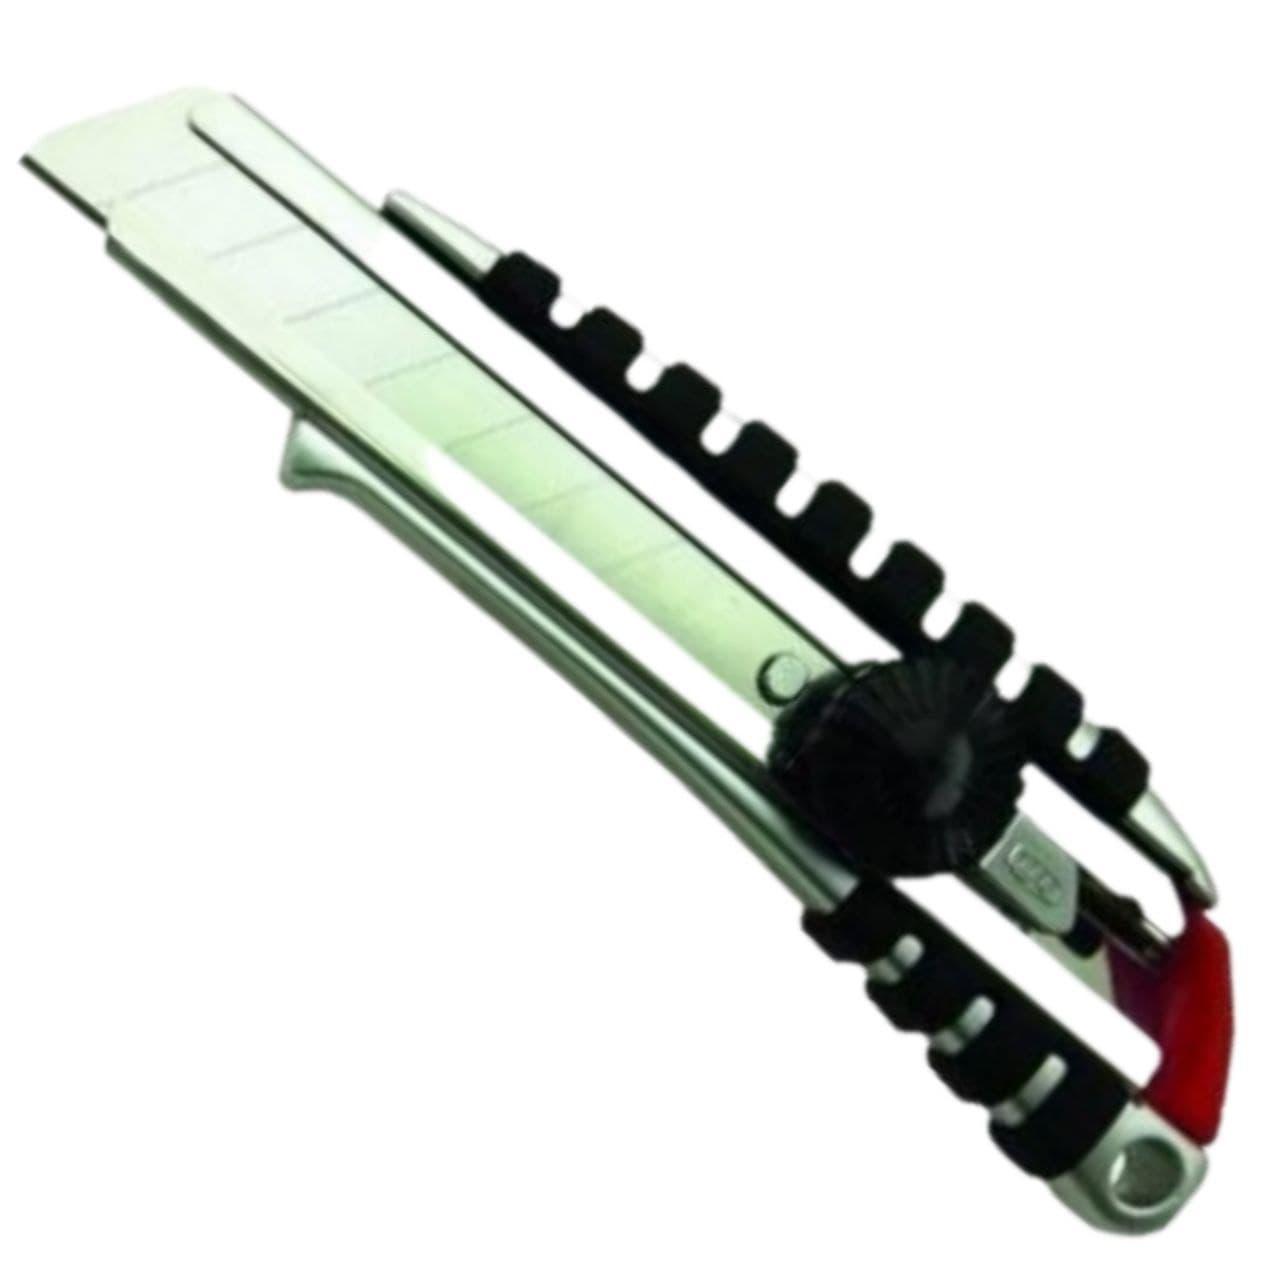 Japanese Cutter (NT Cutter)